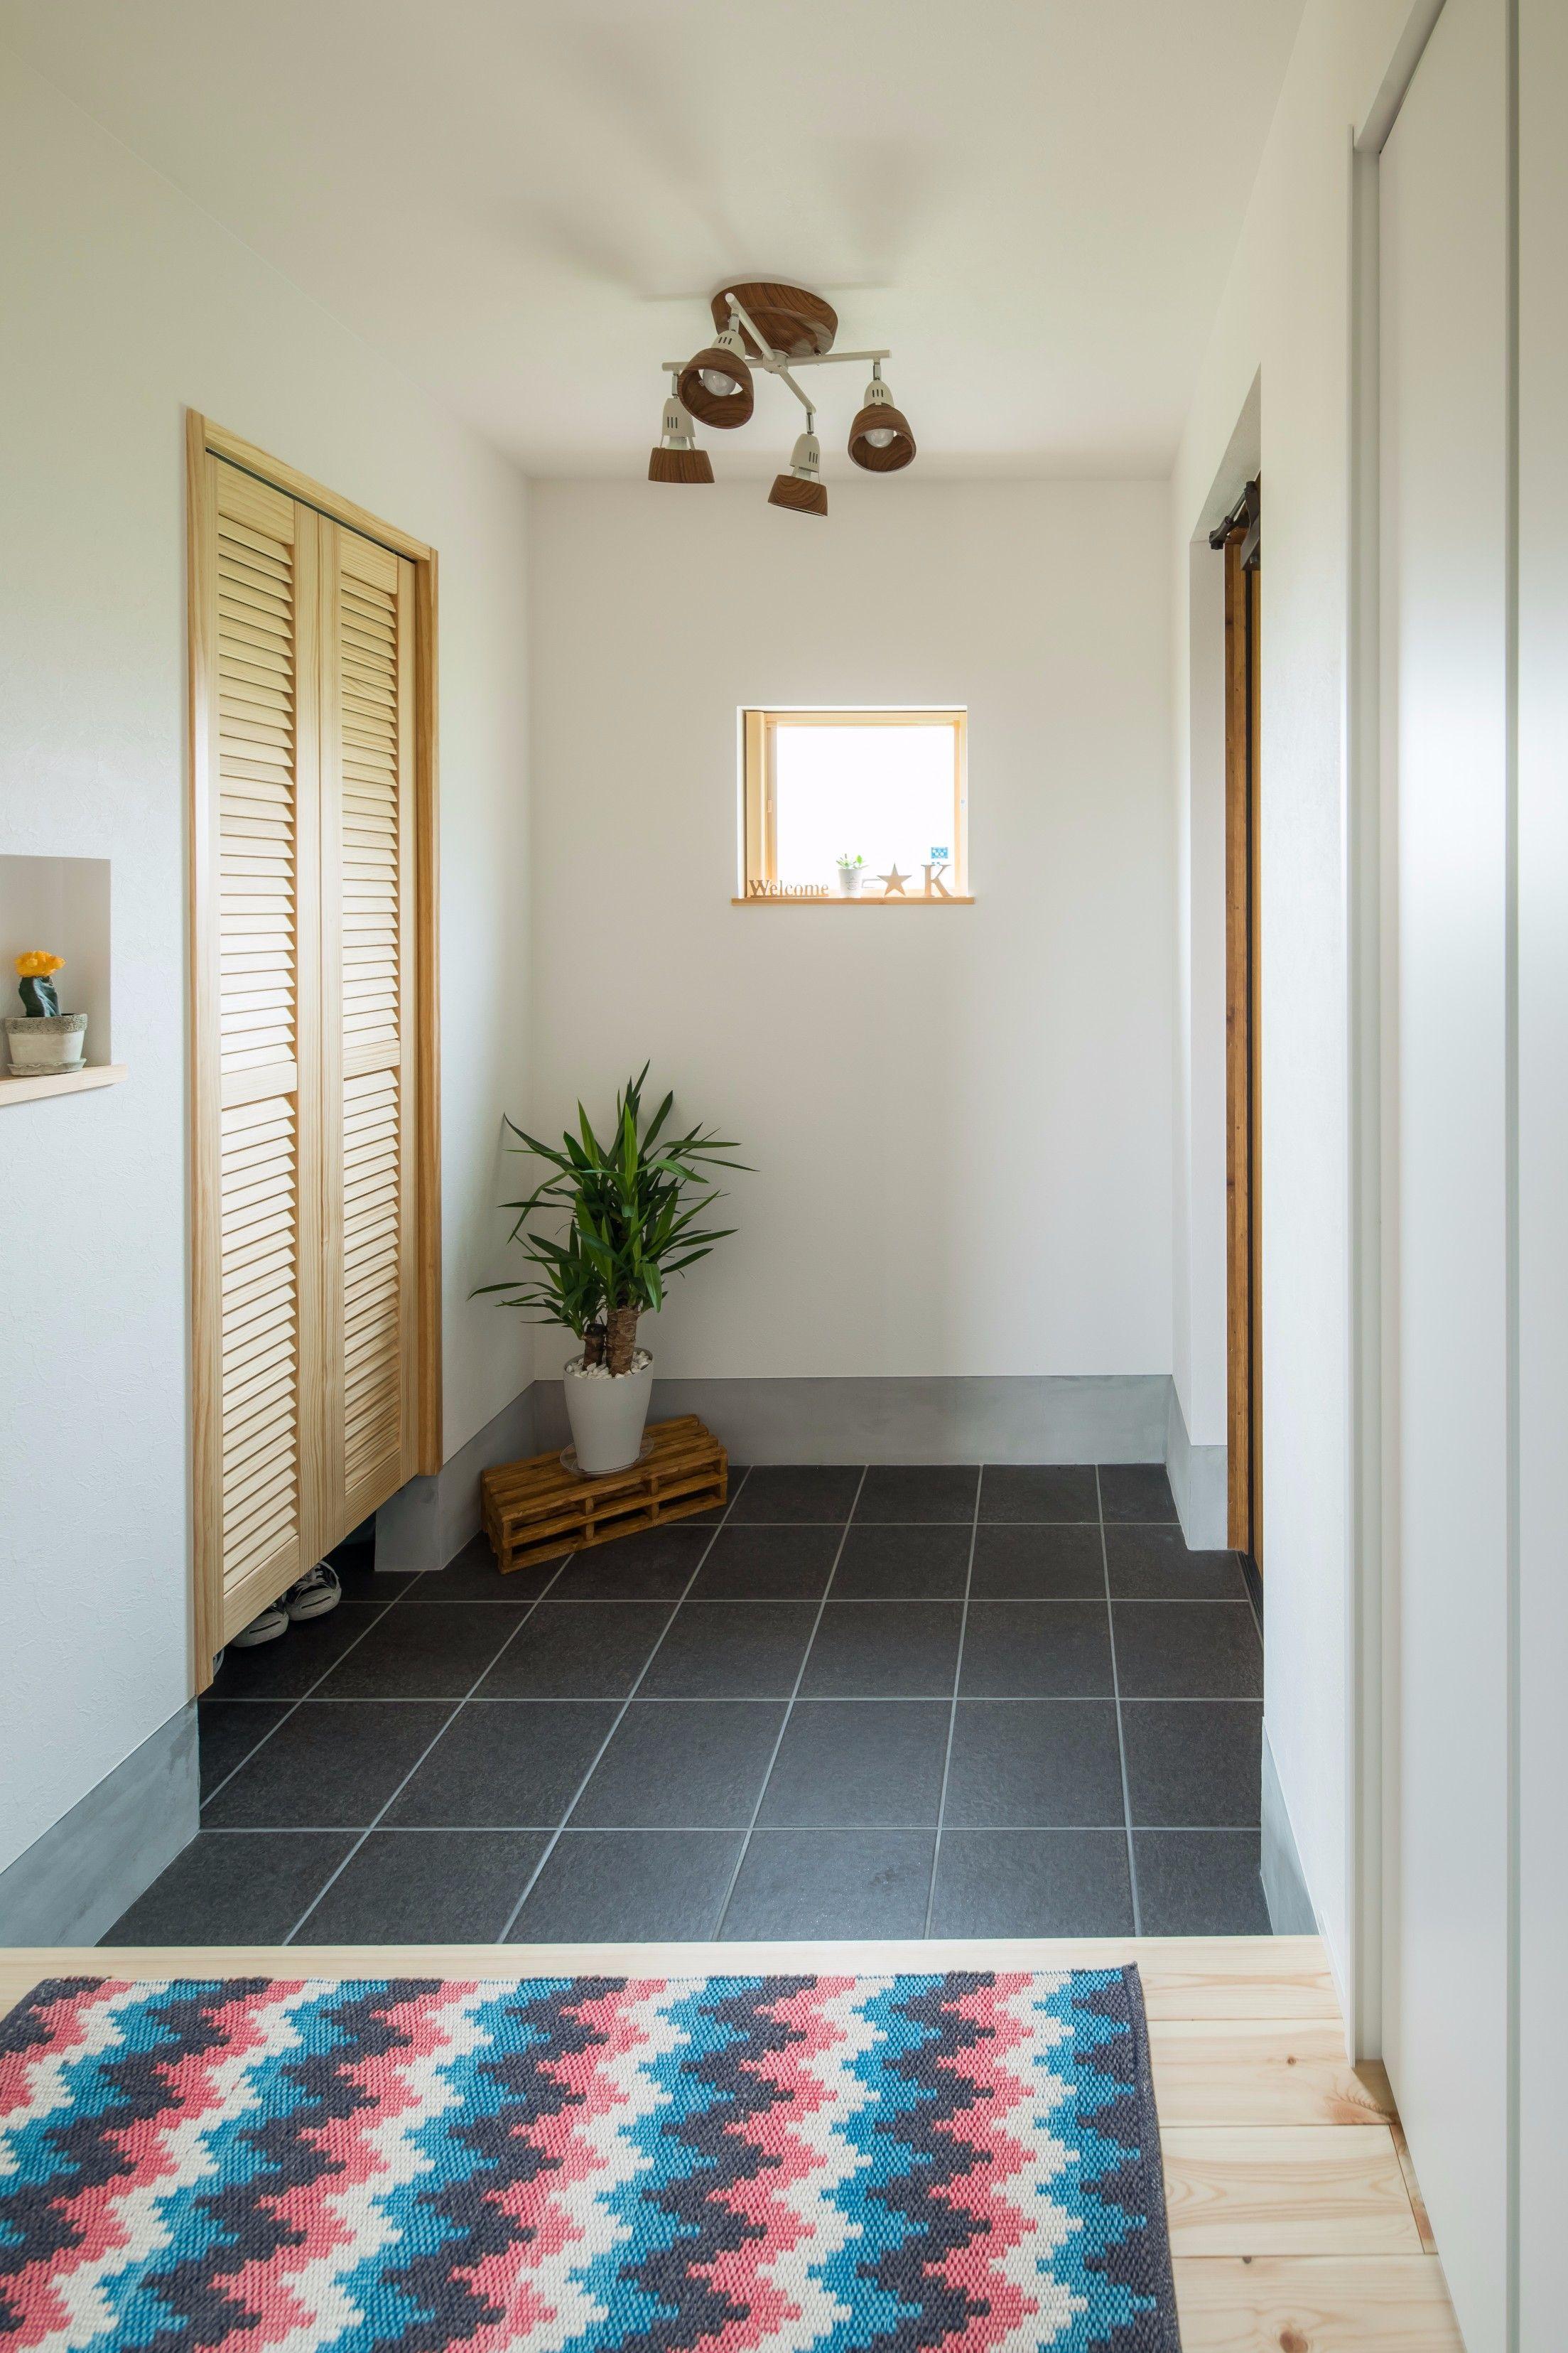 正方形の窓から光が差し込む玄関 窓 折戸 床と揃えられた淡い木の色